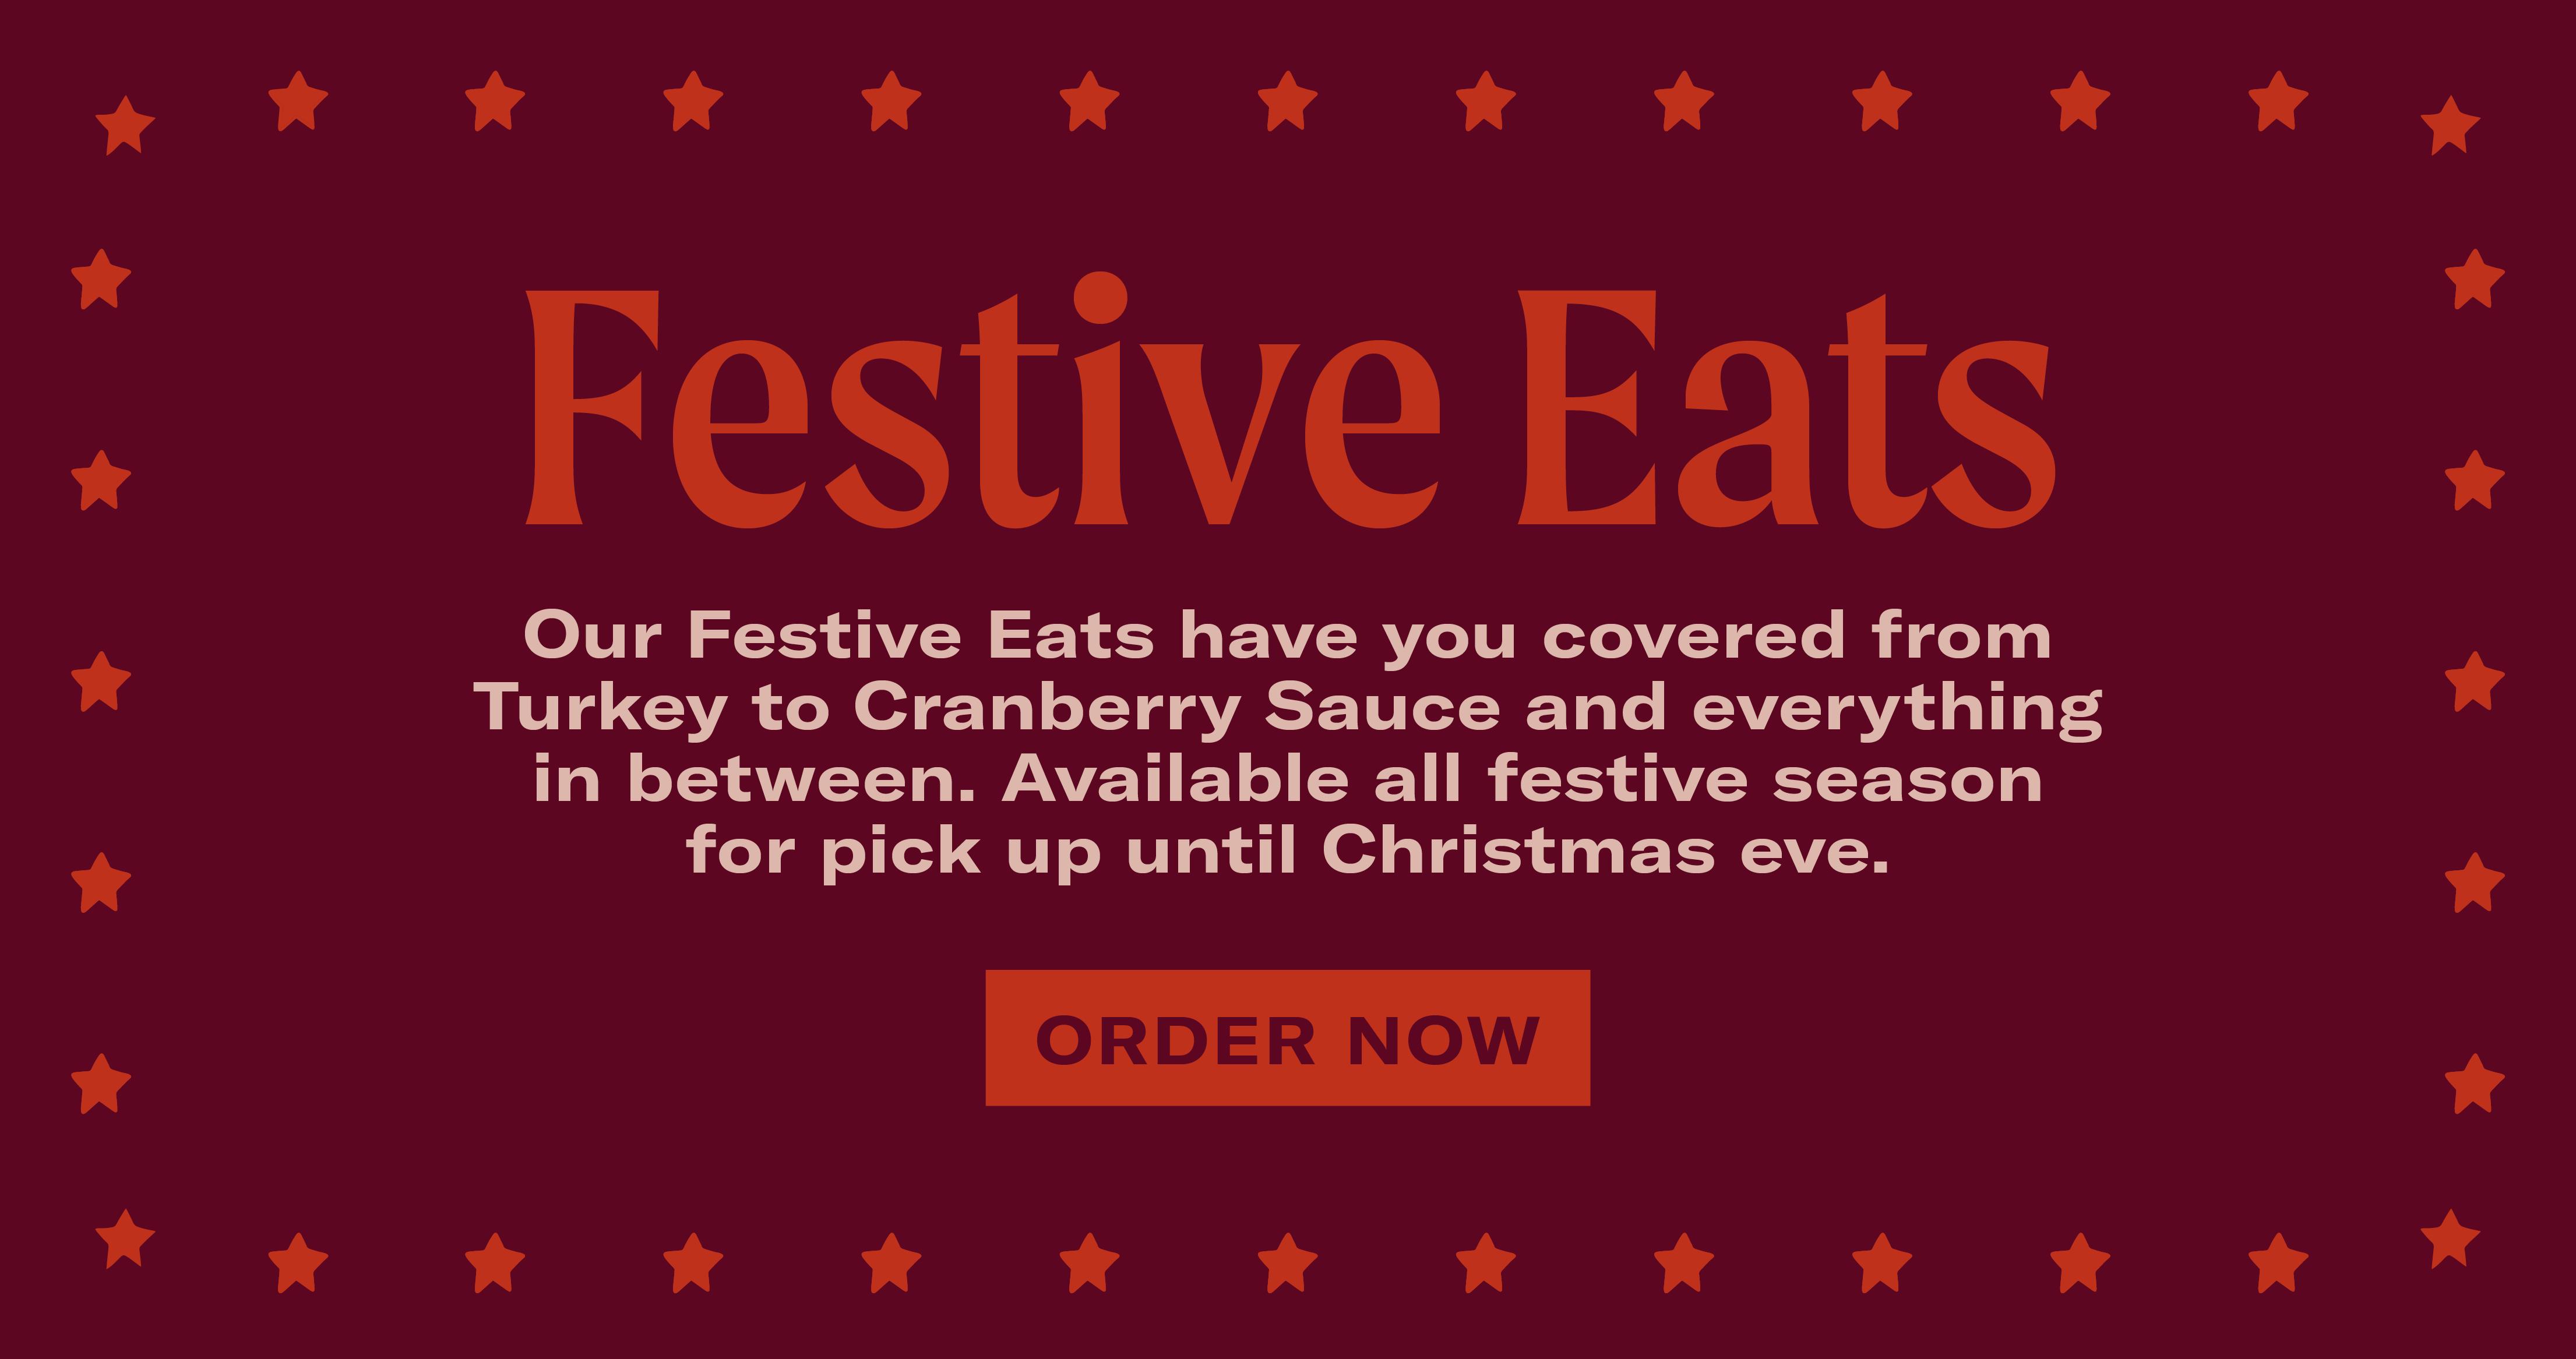 Festive Eats